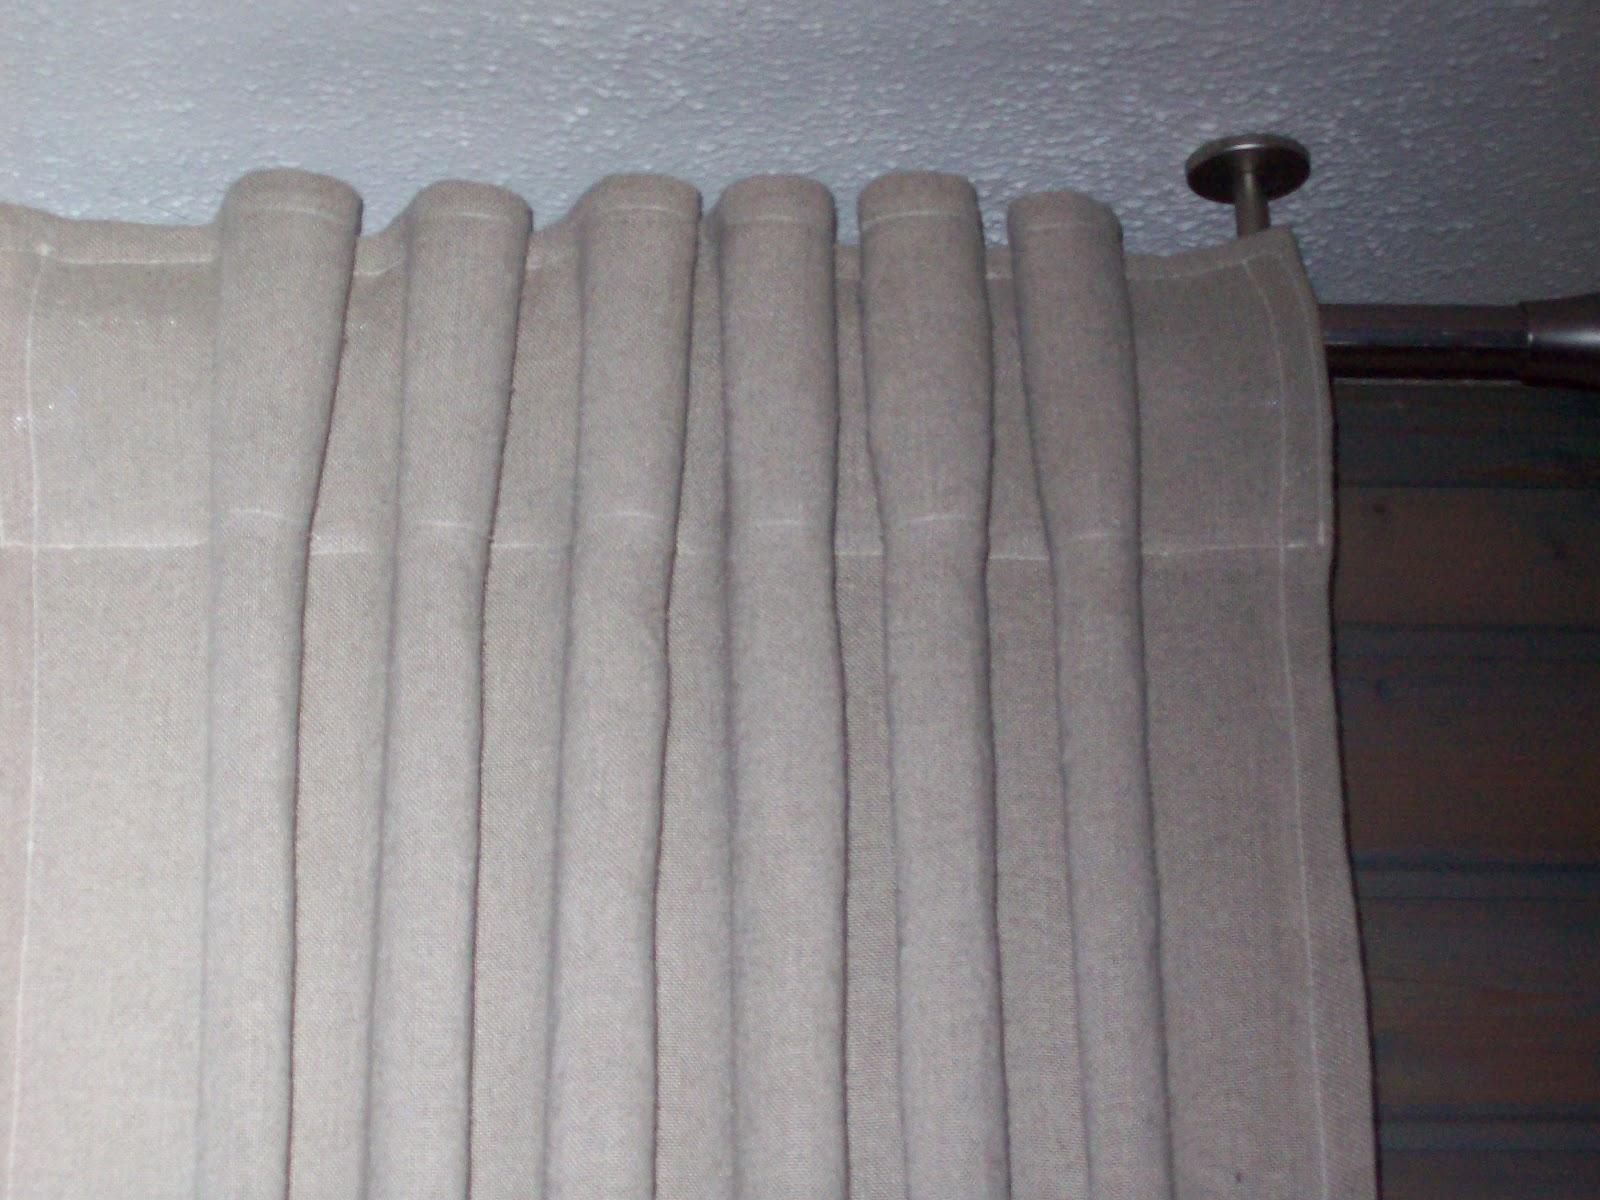 les d cos d 39 emeline rideaux en lin. Black Bedroom Furniture Sets. Home Design Ideas